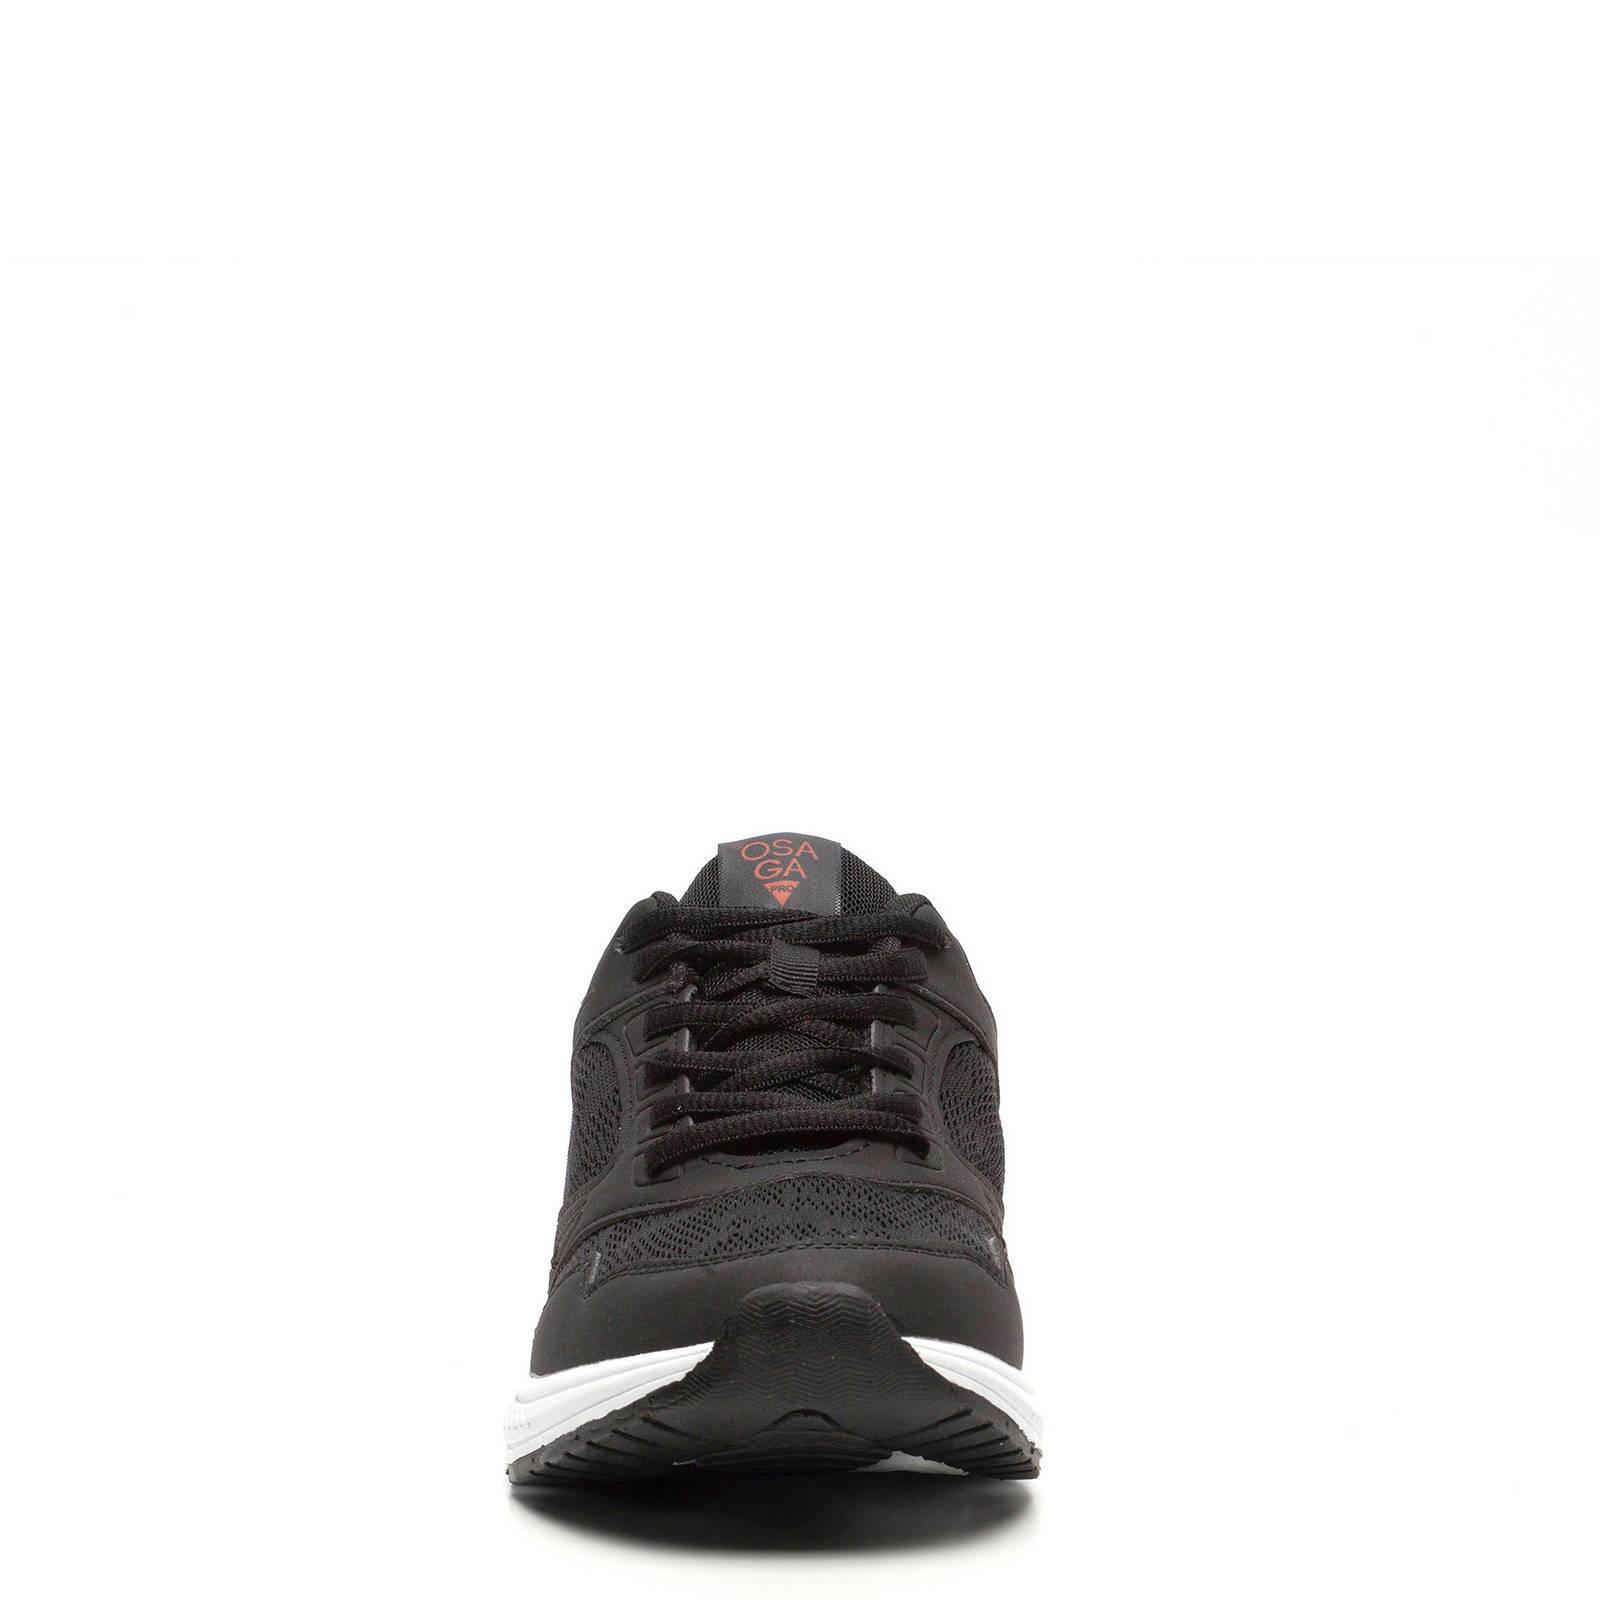 sneakers zwartgrijs